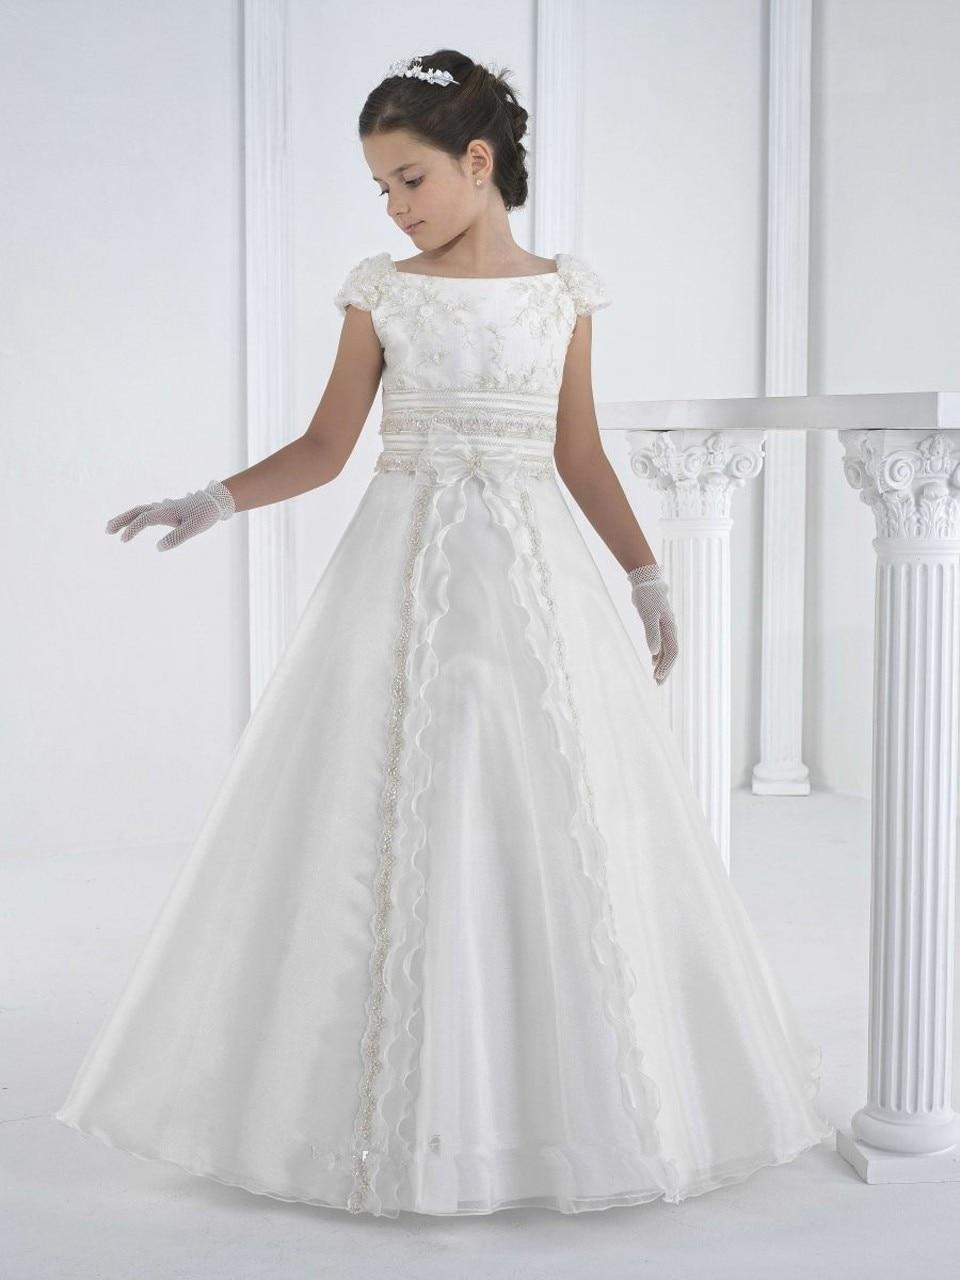 الدانتيل الأبيض زهرة الأميرة اللباس فتاة الزفاف اللباس الفتيات الفاخرة اللباس فتاة حزب الملابس الأولى بالتواصل الاطفال ازياء